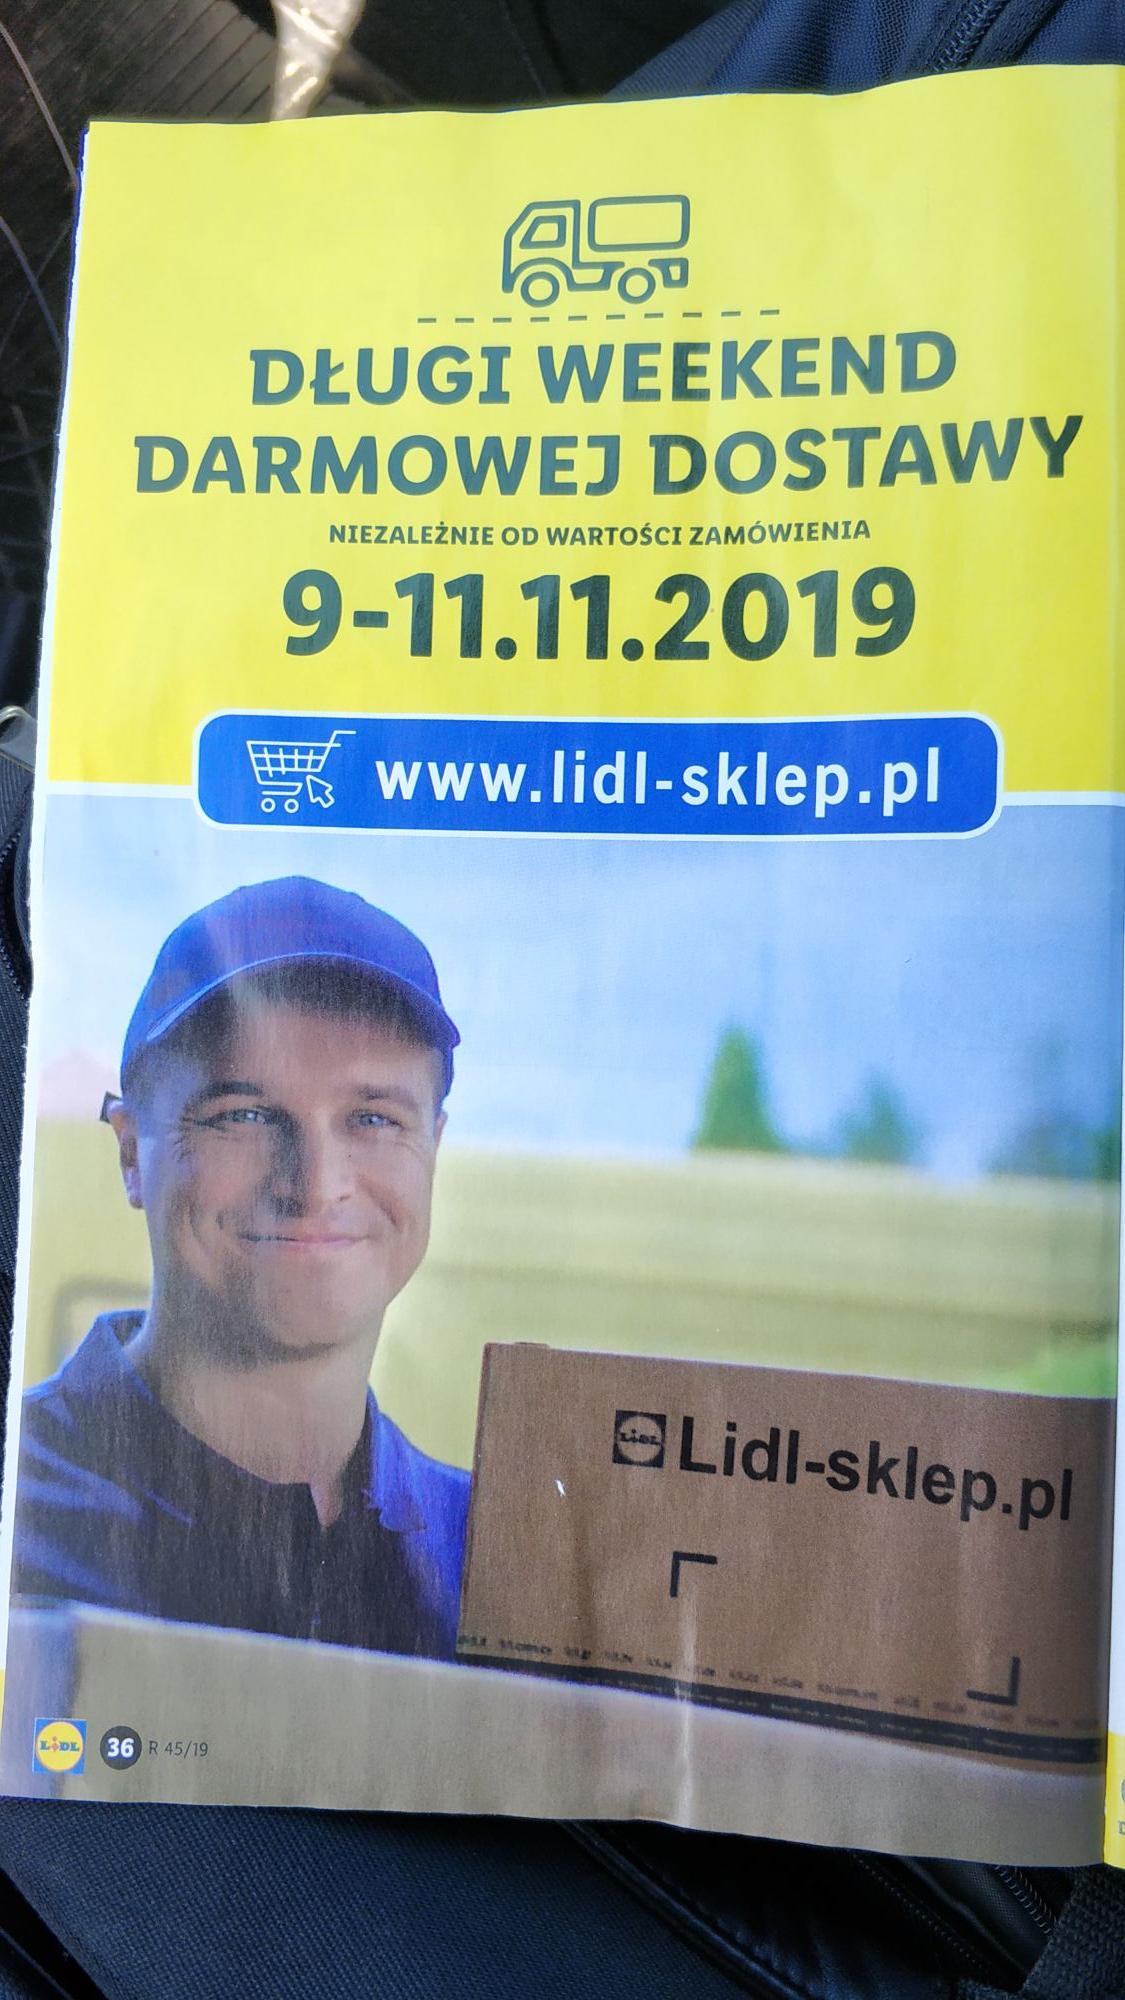 Darmowa dostawa 9-11.11.2019 na www.lidl-sklep.pl bez MWZ - Długi weekend darmowej dostawy.